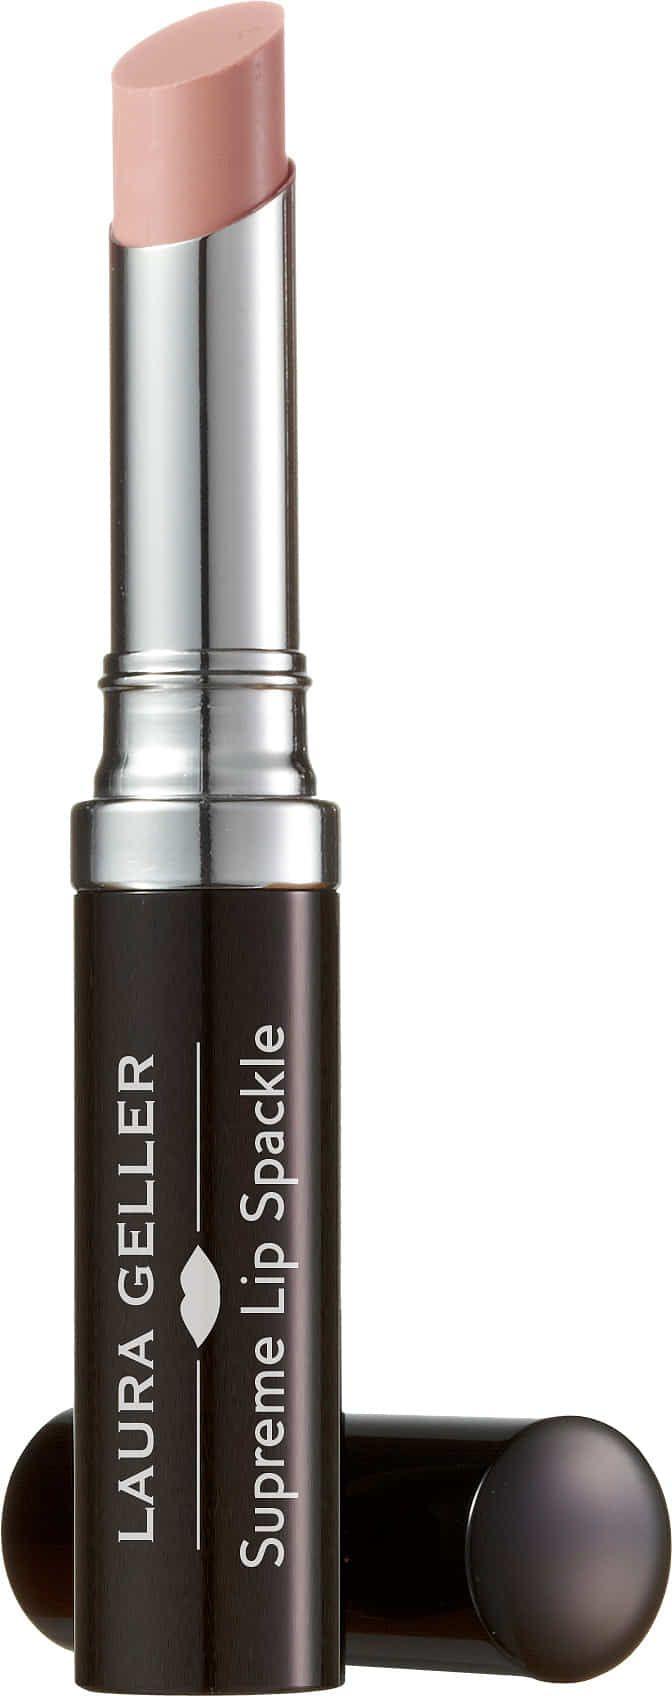 Лаура Геллер Spackle Supreme Lip Primer